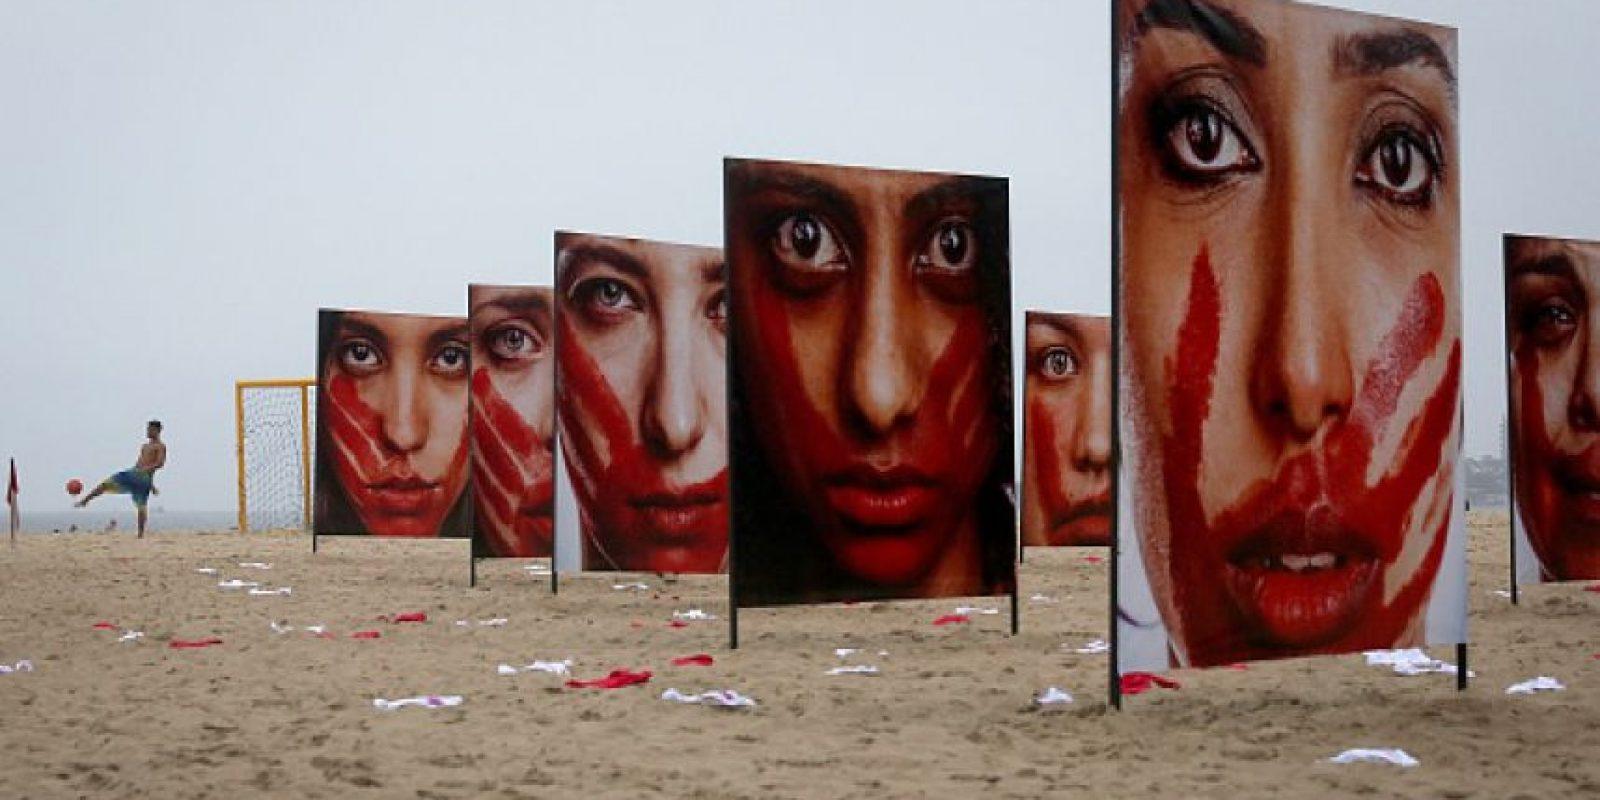 Perú fue el primer país en promulgar una ley para prevenir y sancionar el acoso sexual en espacios públicos Foto:Getty Images. Imagen Por: